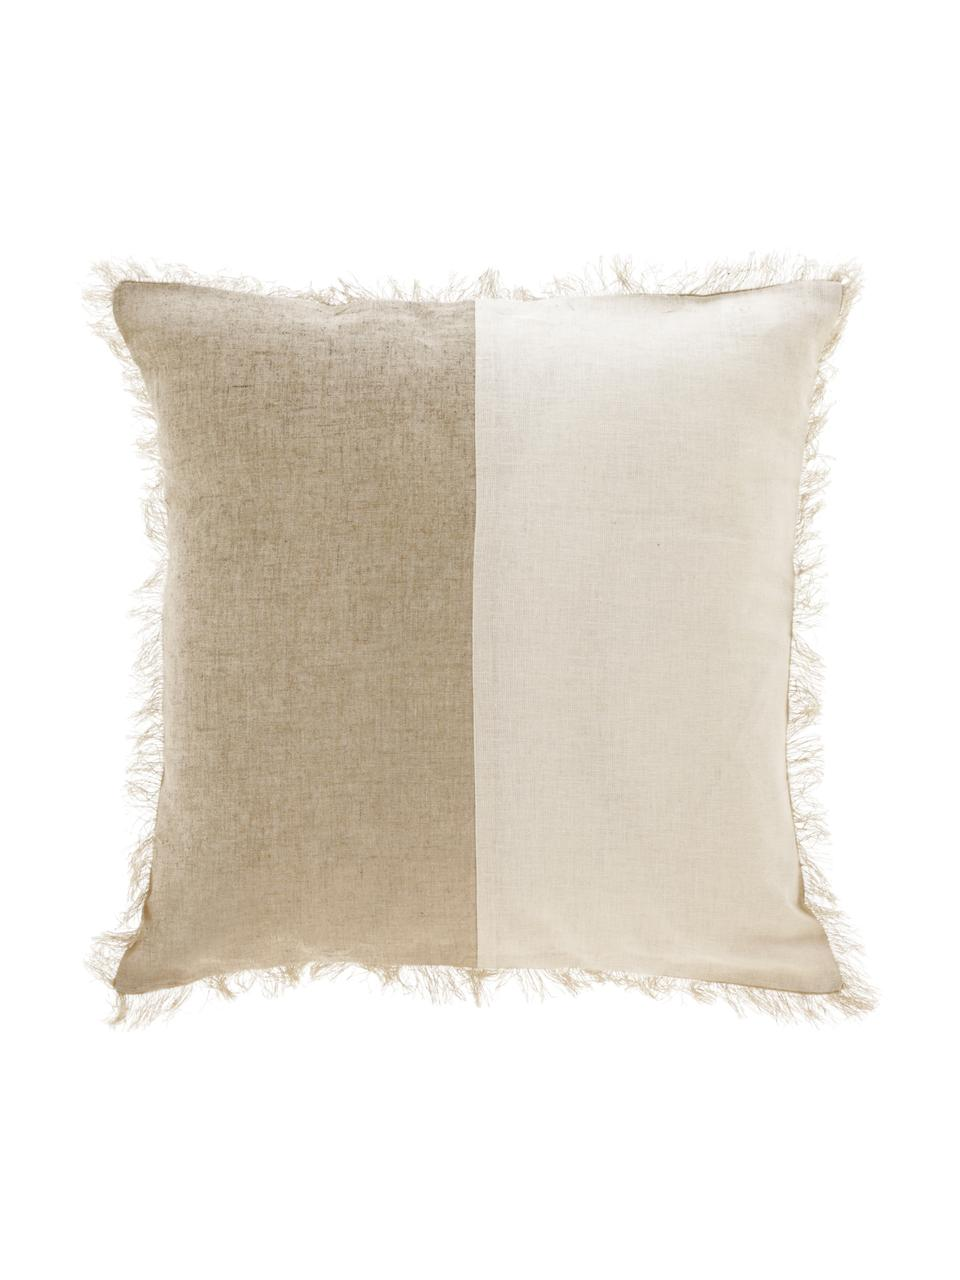 Federa arredo bicolore con frange Silene, 100% cotone, Beige, Larg. 45 x Lung. 45 cm